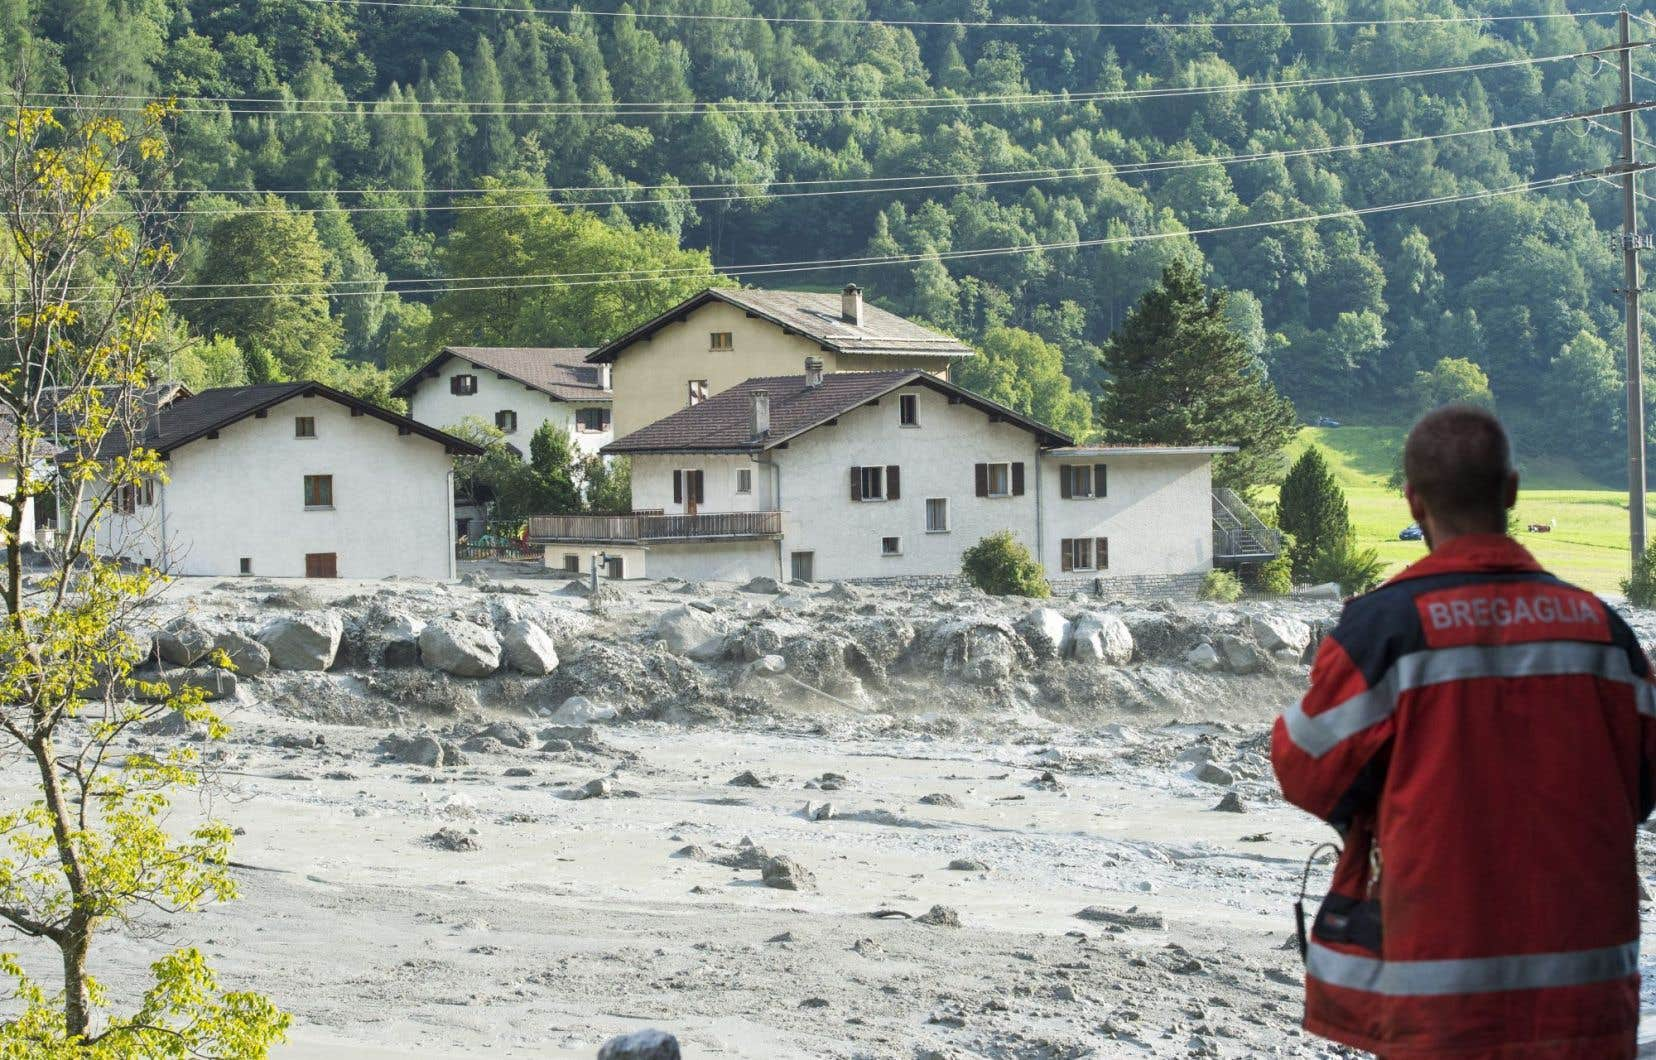 Au total, douze bâtiments ont été endommagés ou détruits, selon la police.